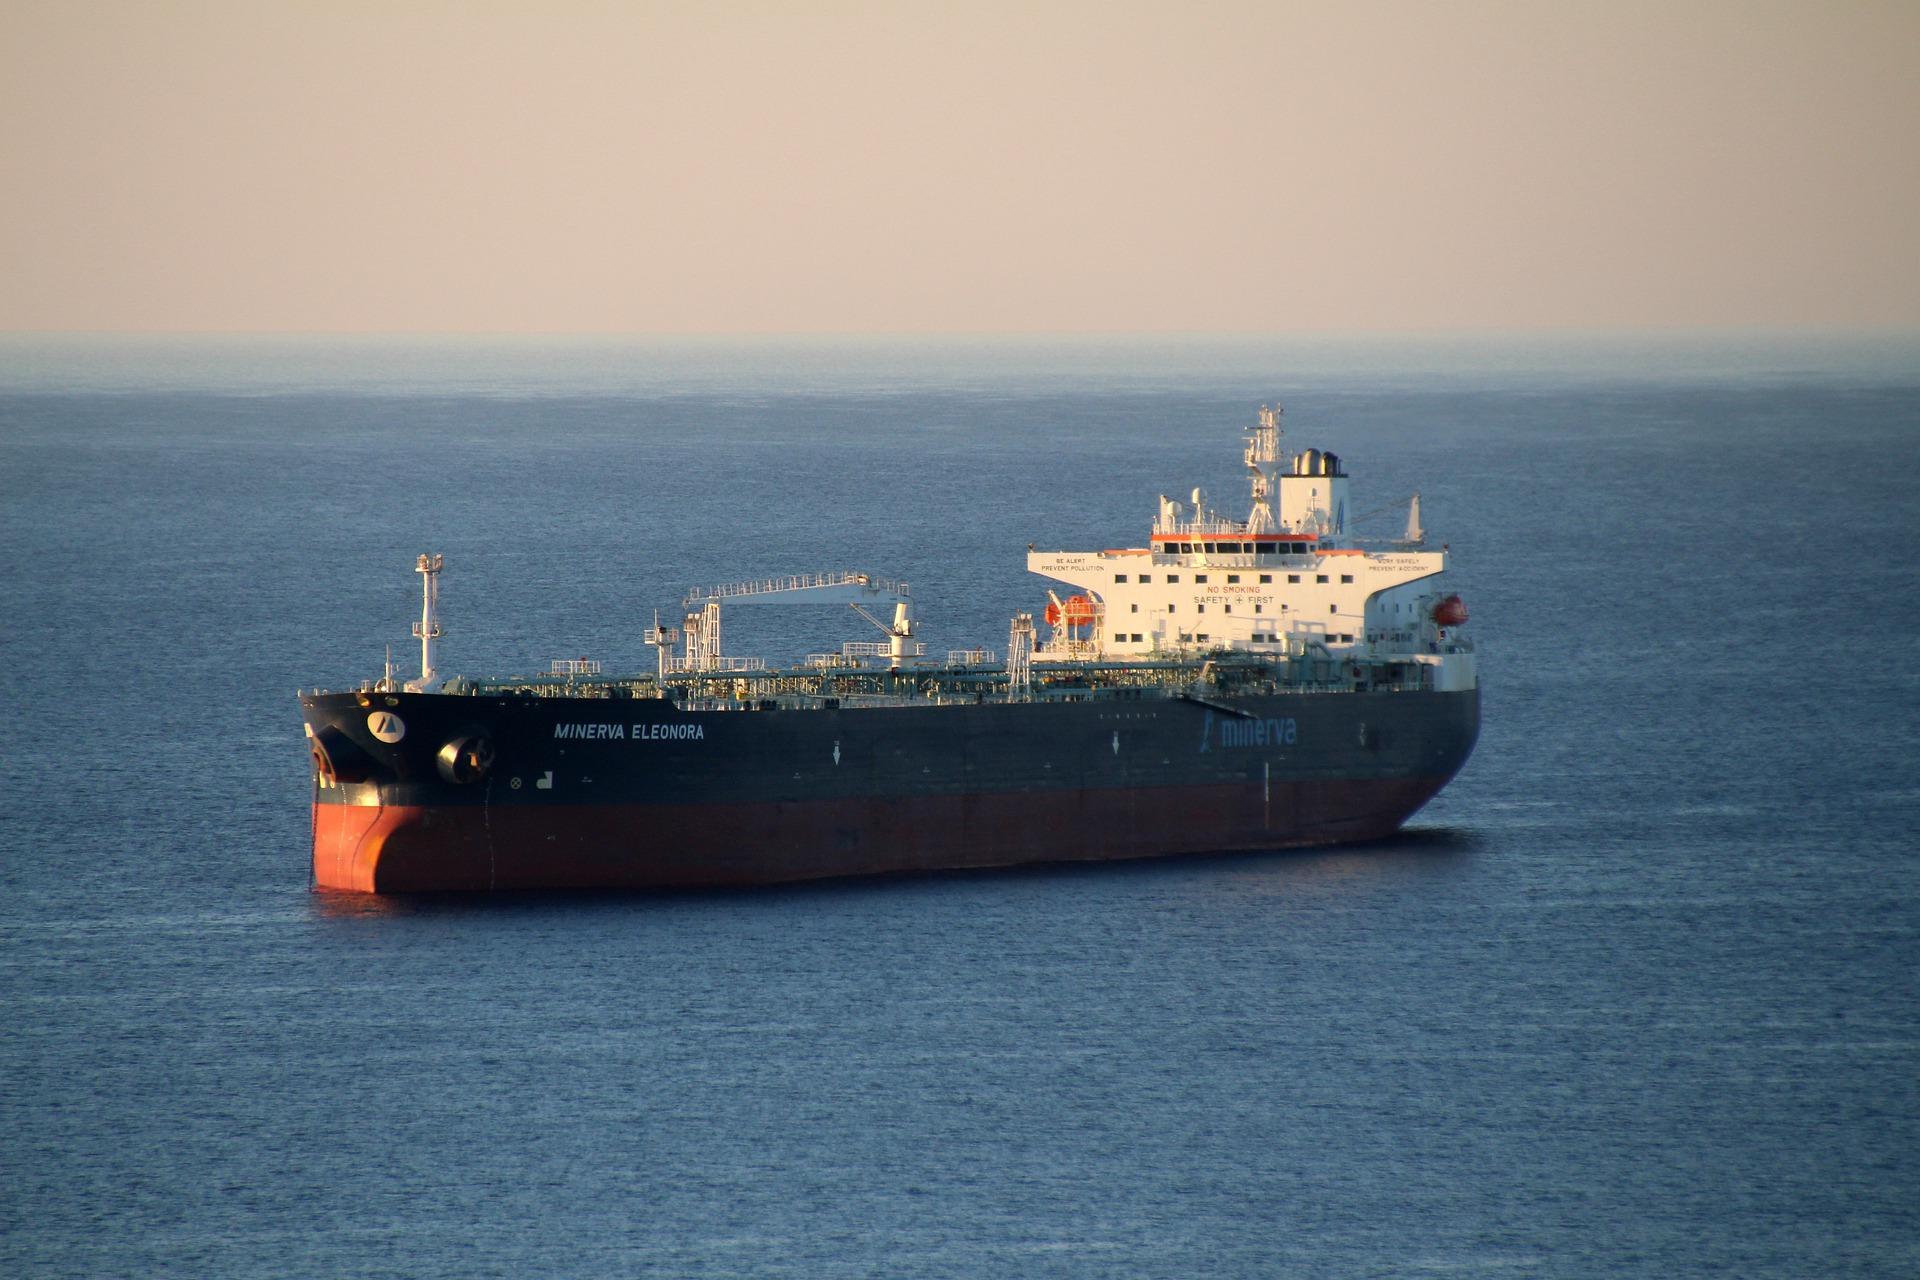 Erneuter Tankerangriff im Nahen Osten